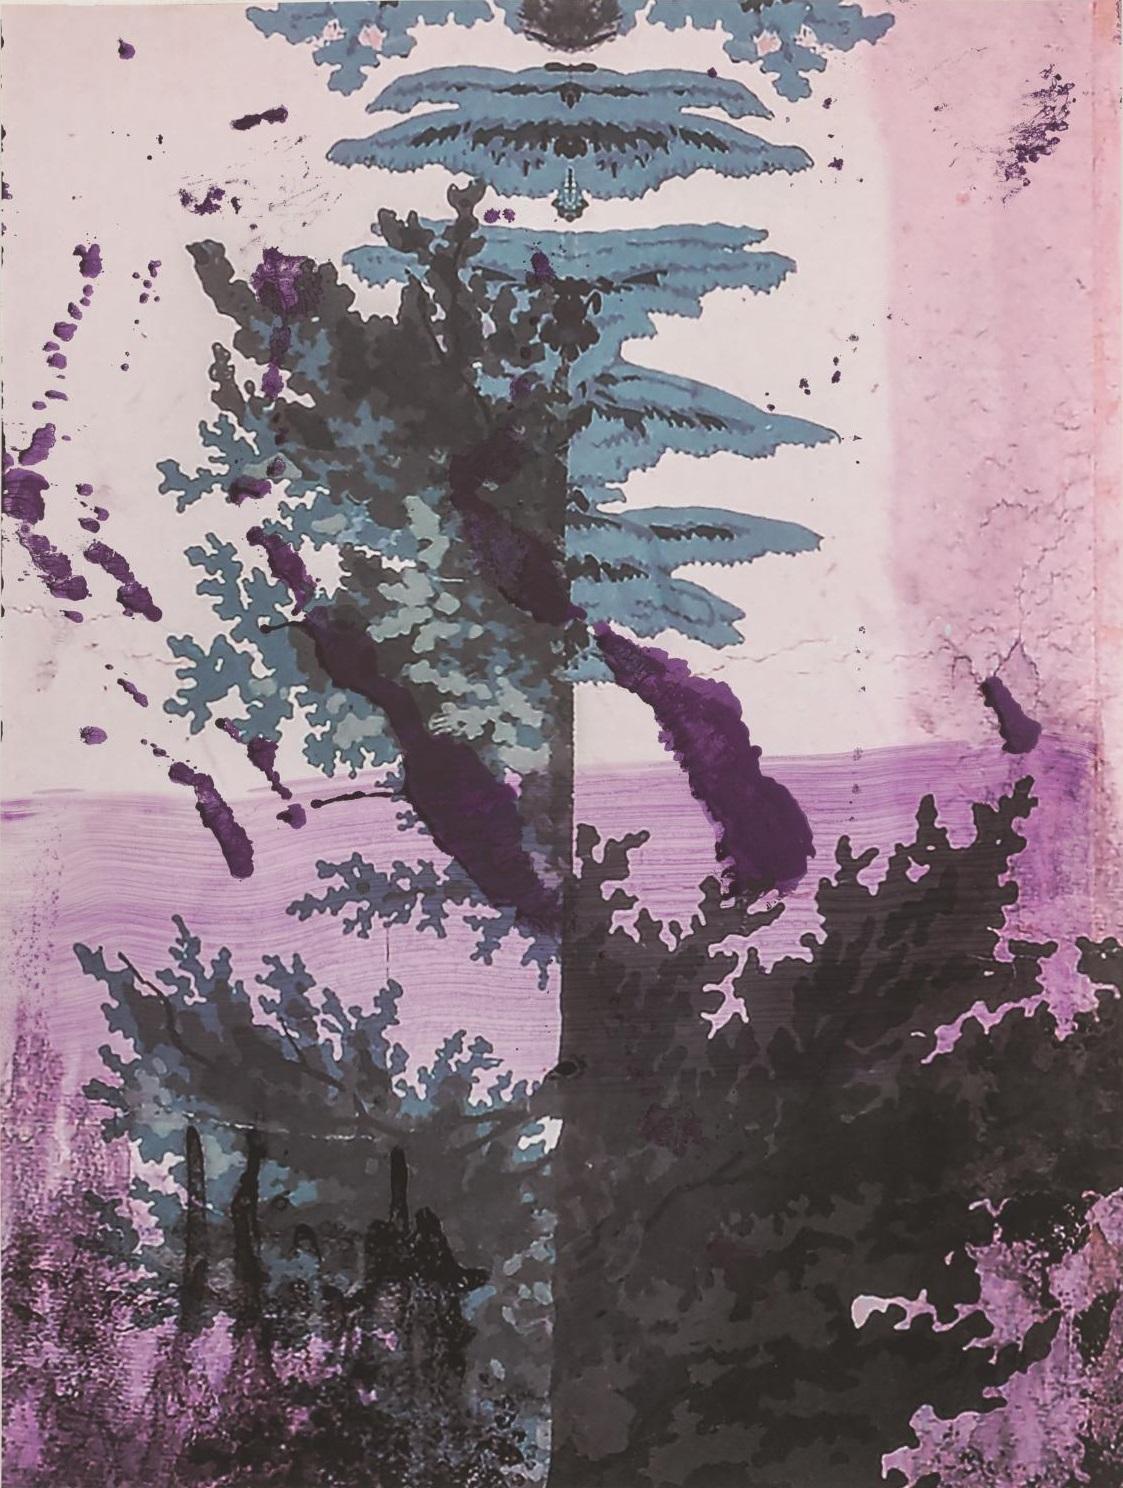 Titel: Walt Whitman II (Lake), 2016, Pigmentdruck auf Kupferdruckpapier, 129.8 x 97.8 cm, Auflage: 25 + AP, signiert, arabisch nummeriert